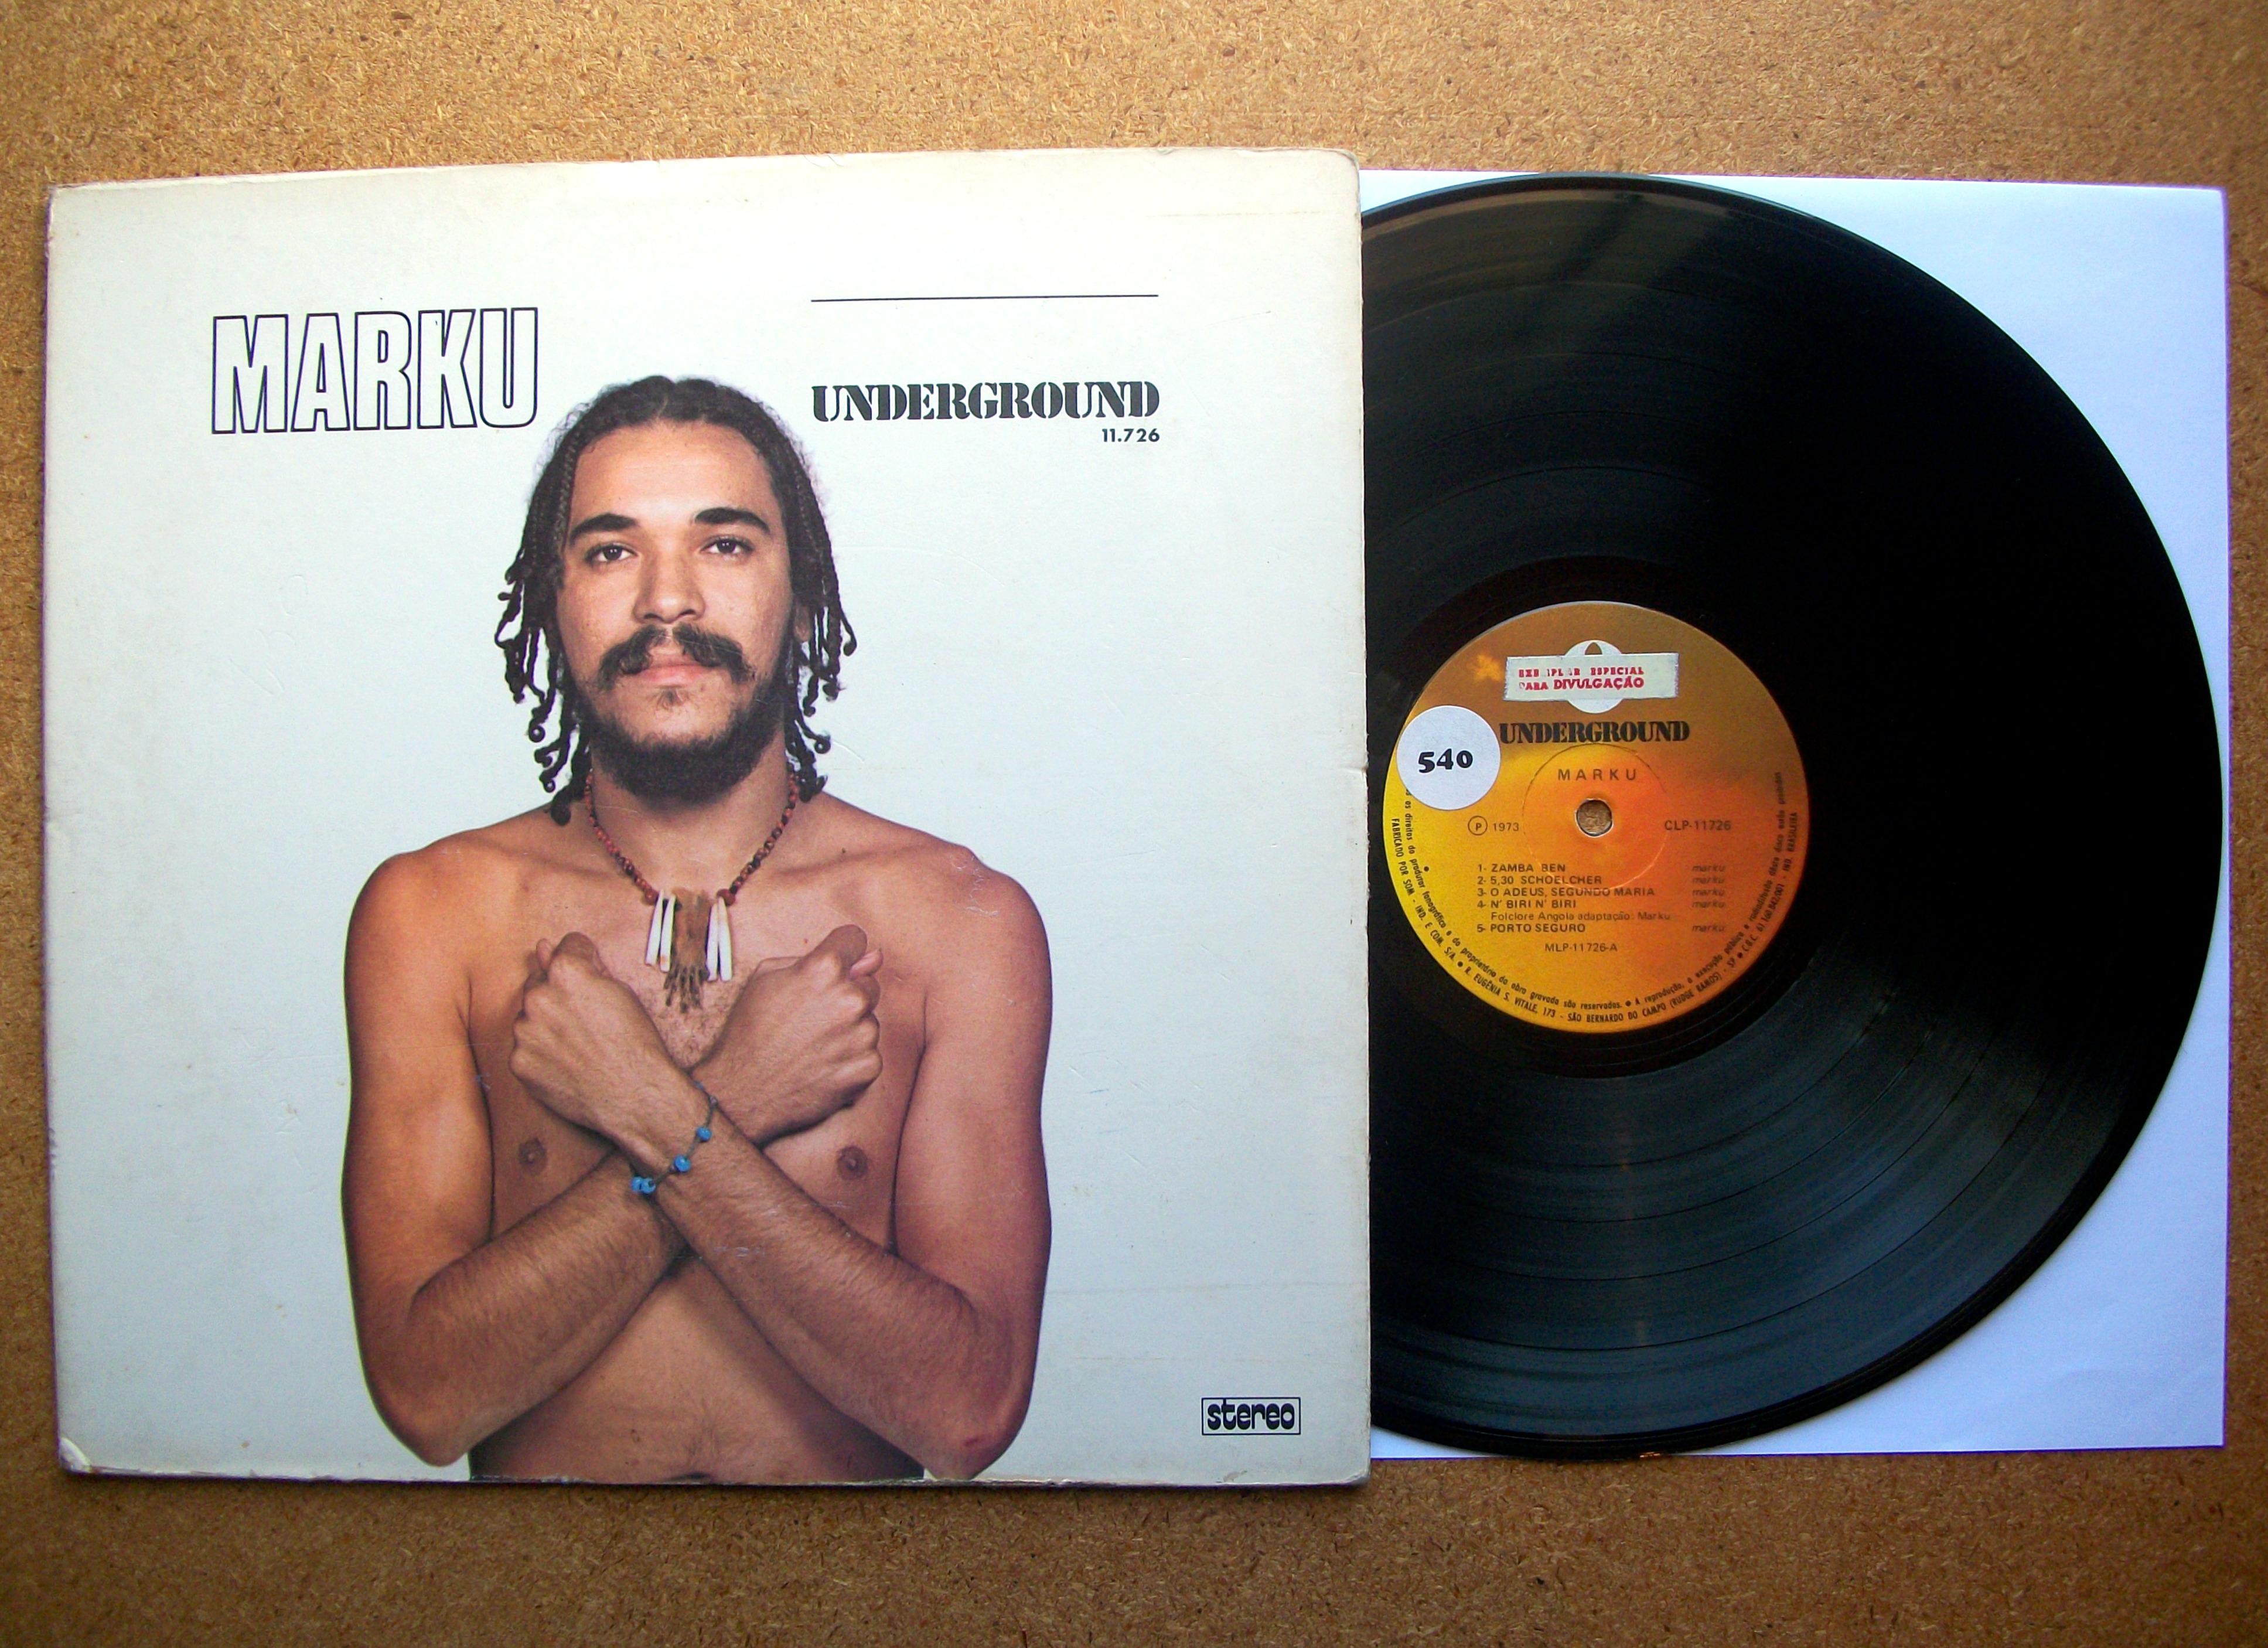 Marku - Underground